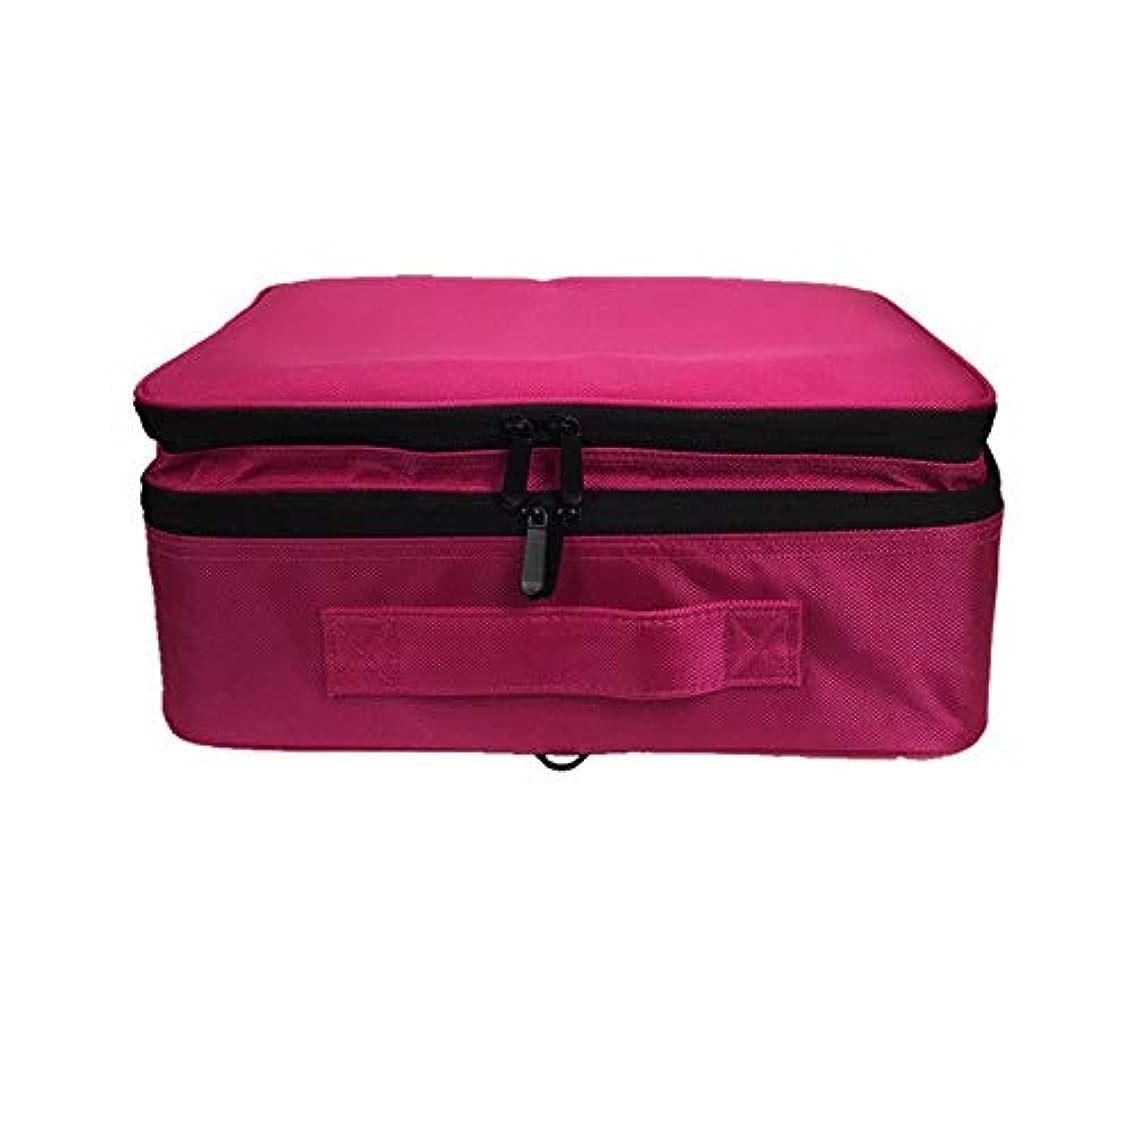 前任者種をまく認証特大スペース収納ビューティーボックス 女の子の女性旅行のための新しく、実用的な携帯用化粧箱およびロックおよび皿が付いている毎日の貯蔵 化粧品化粧台 (色 : 赤)